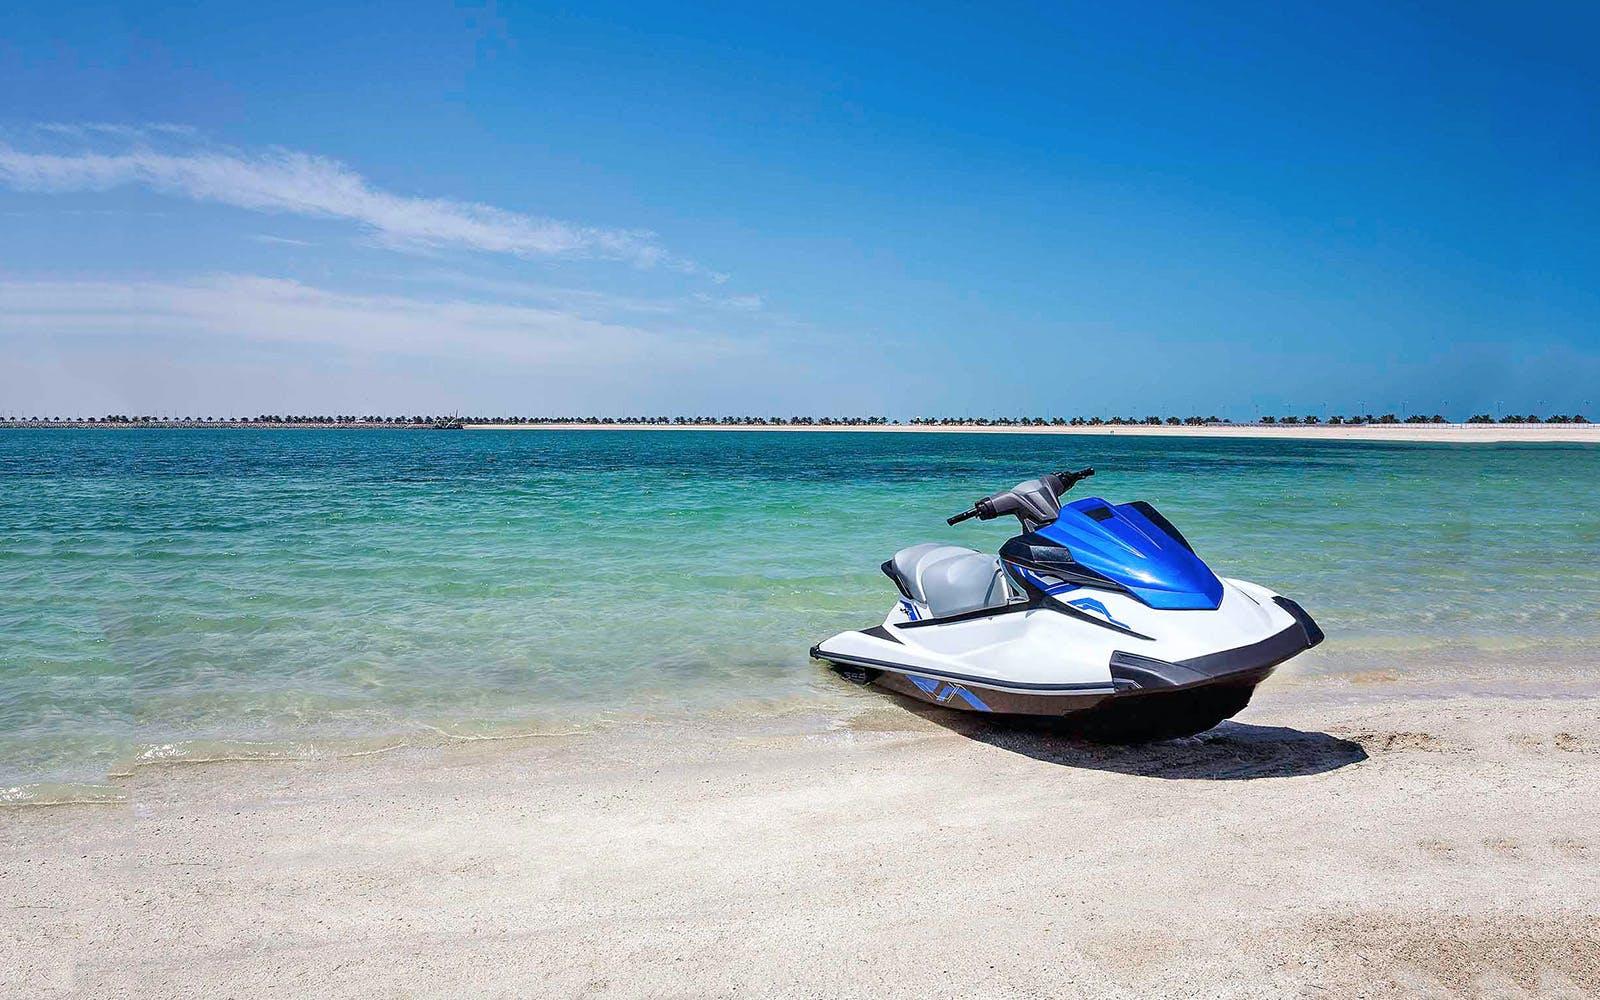 beaches-in-dubai-jet-ski-sightseeing-tour